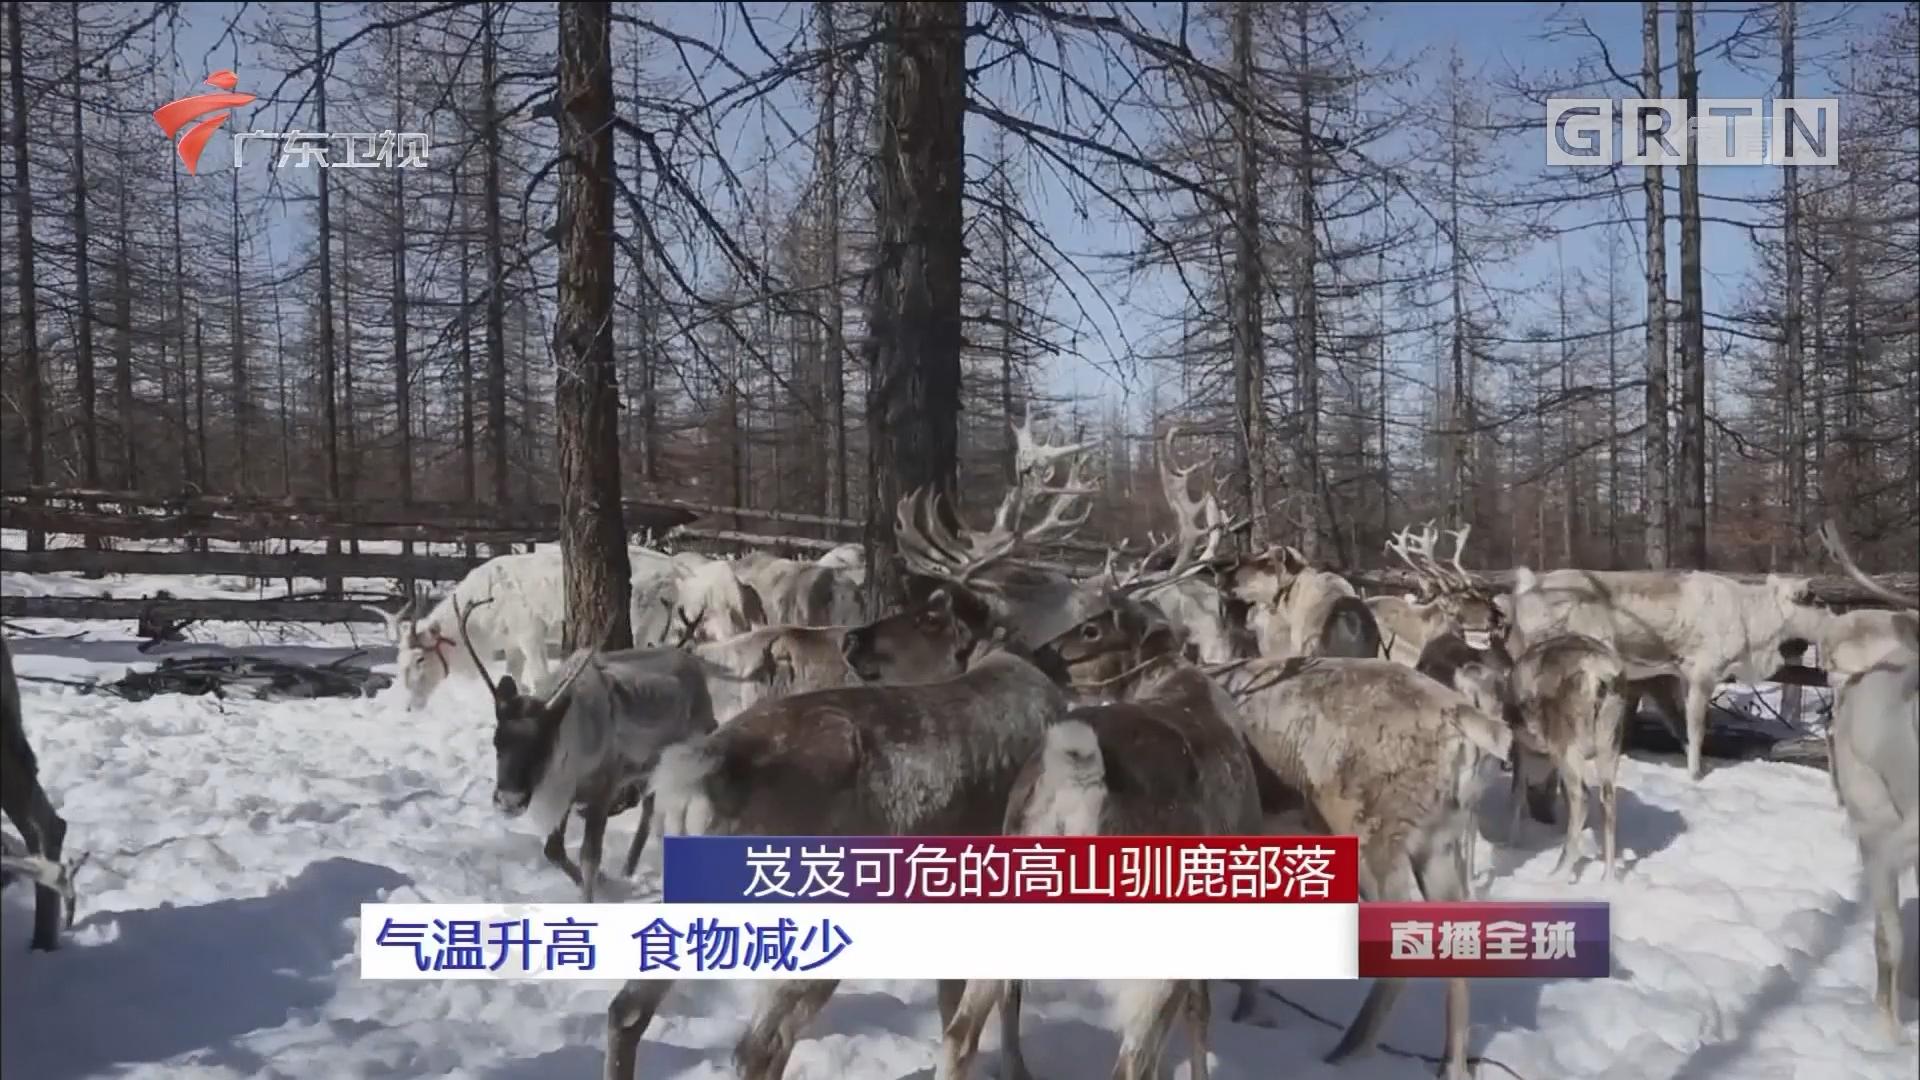 岌岌可危的高山驯鹿部落:气温升高 食物减少